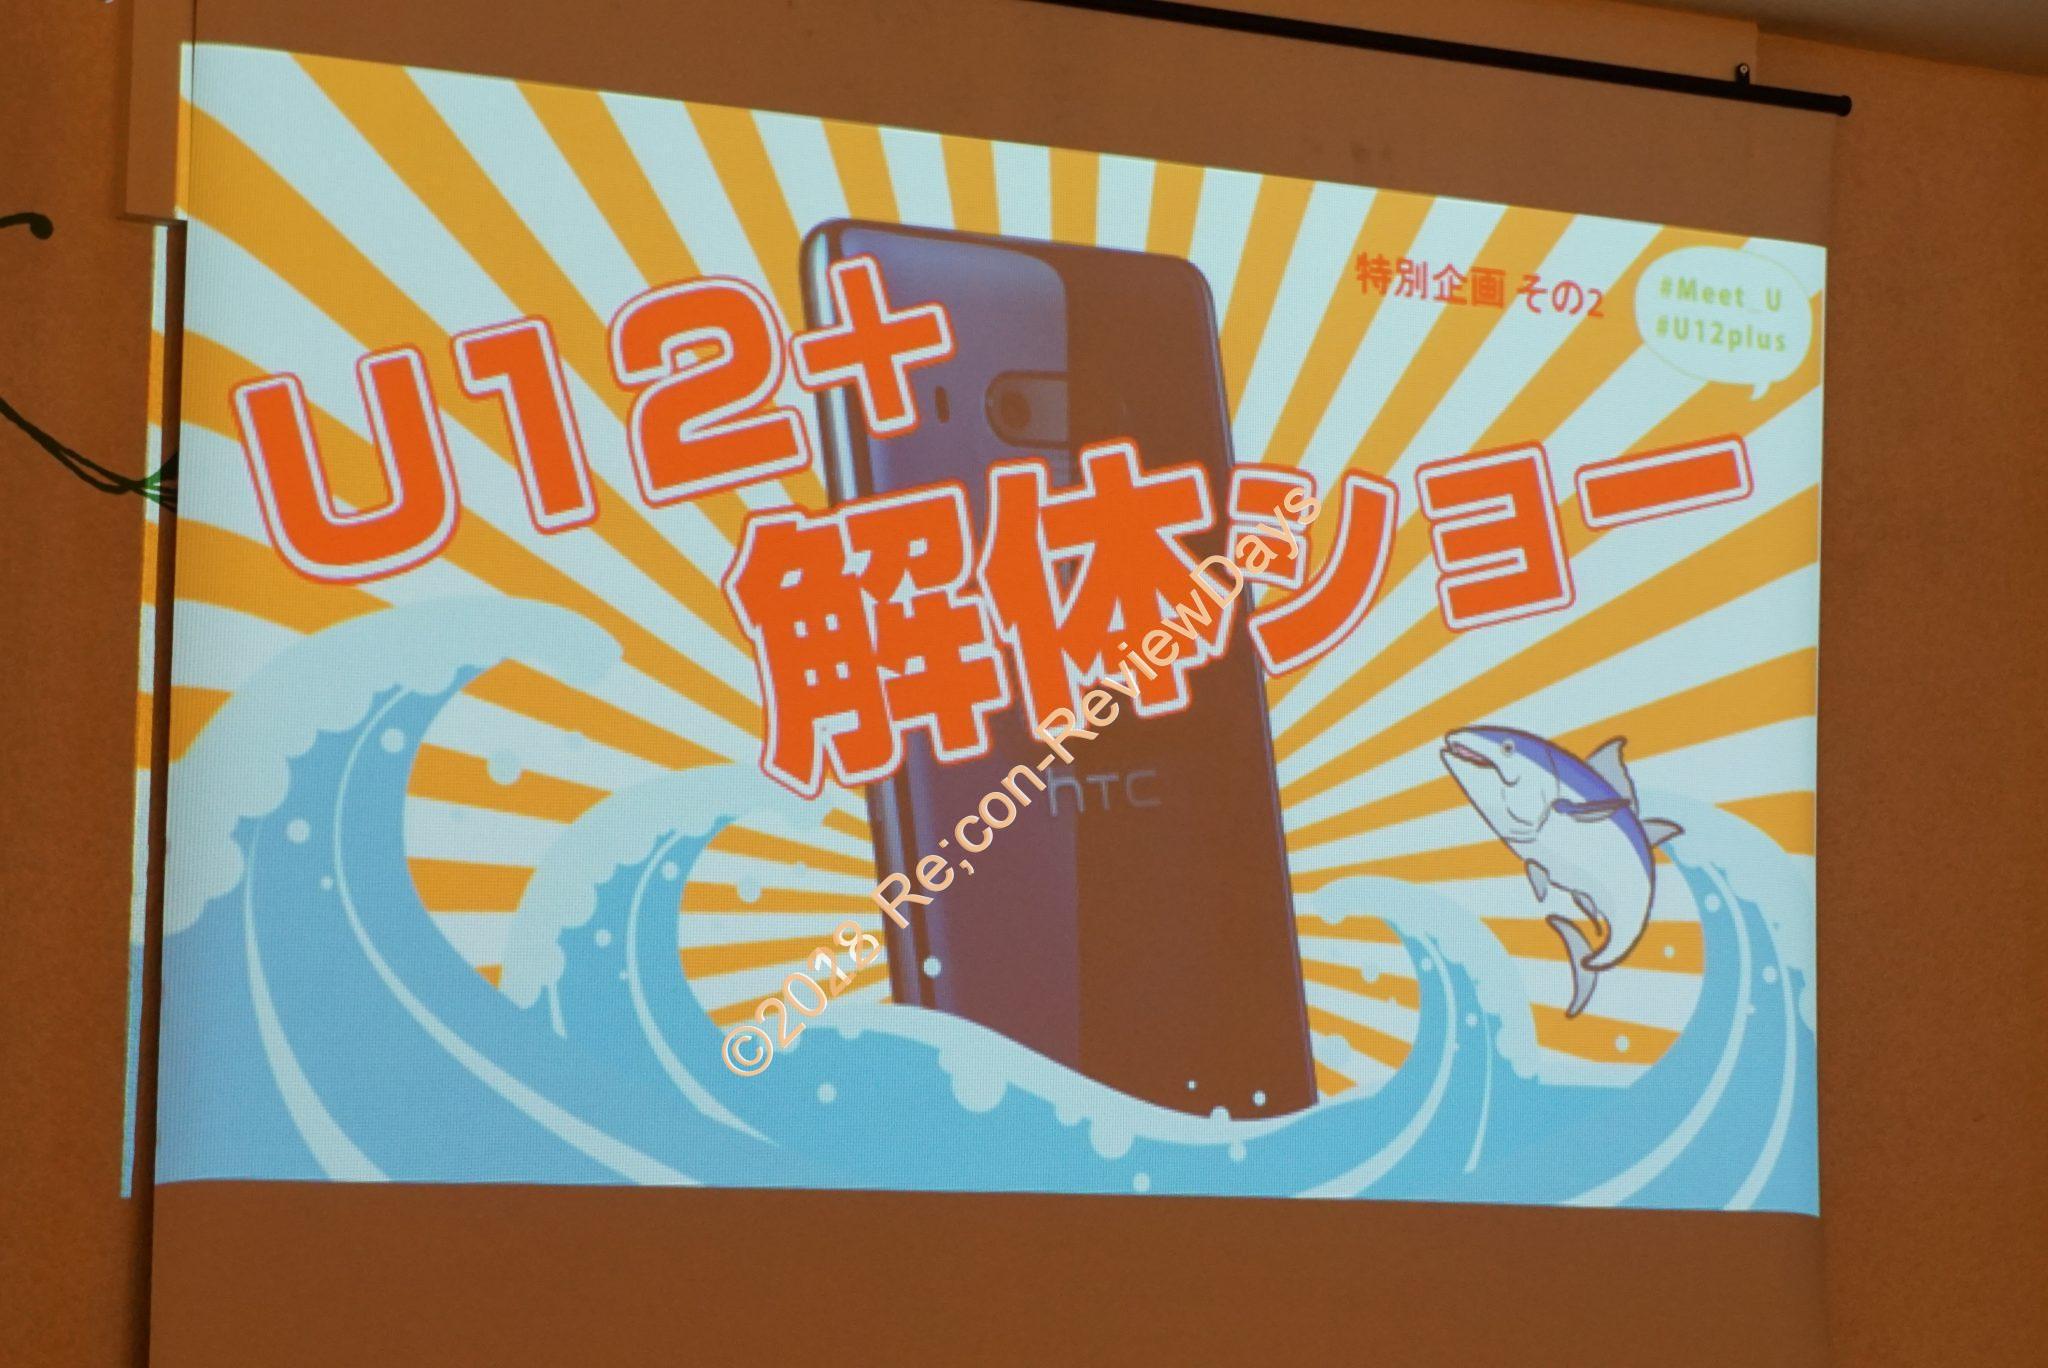 2018年9月28日に開催されたHTC Meet U 大阪会場のイベントレポート その2 U12+解体ショー  #HTC #Meet_U #U12Plus